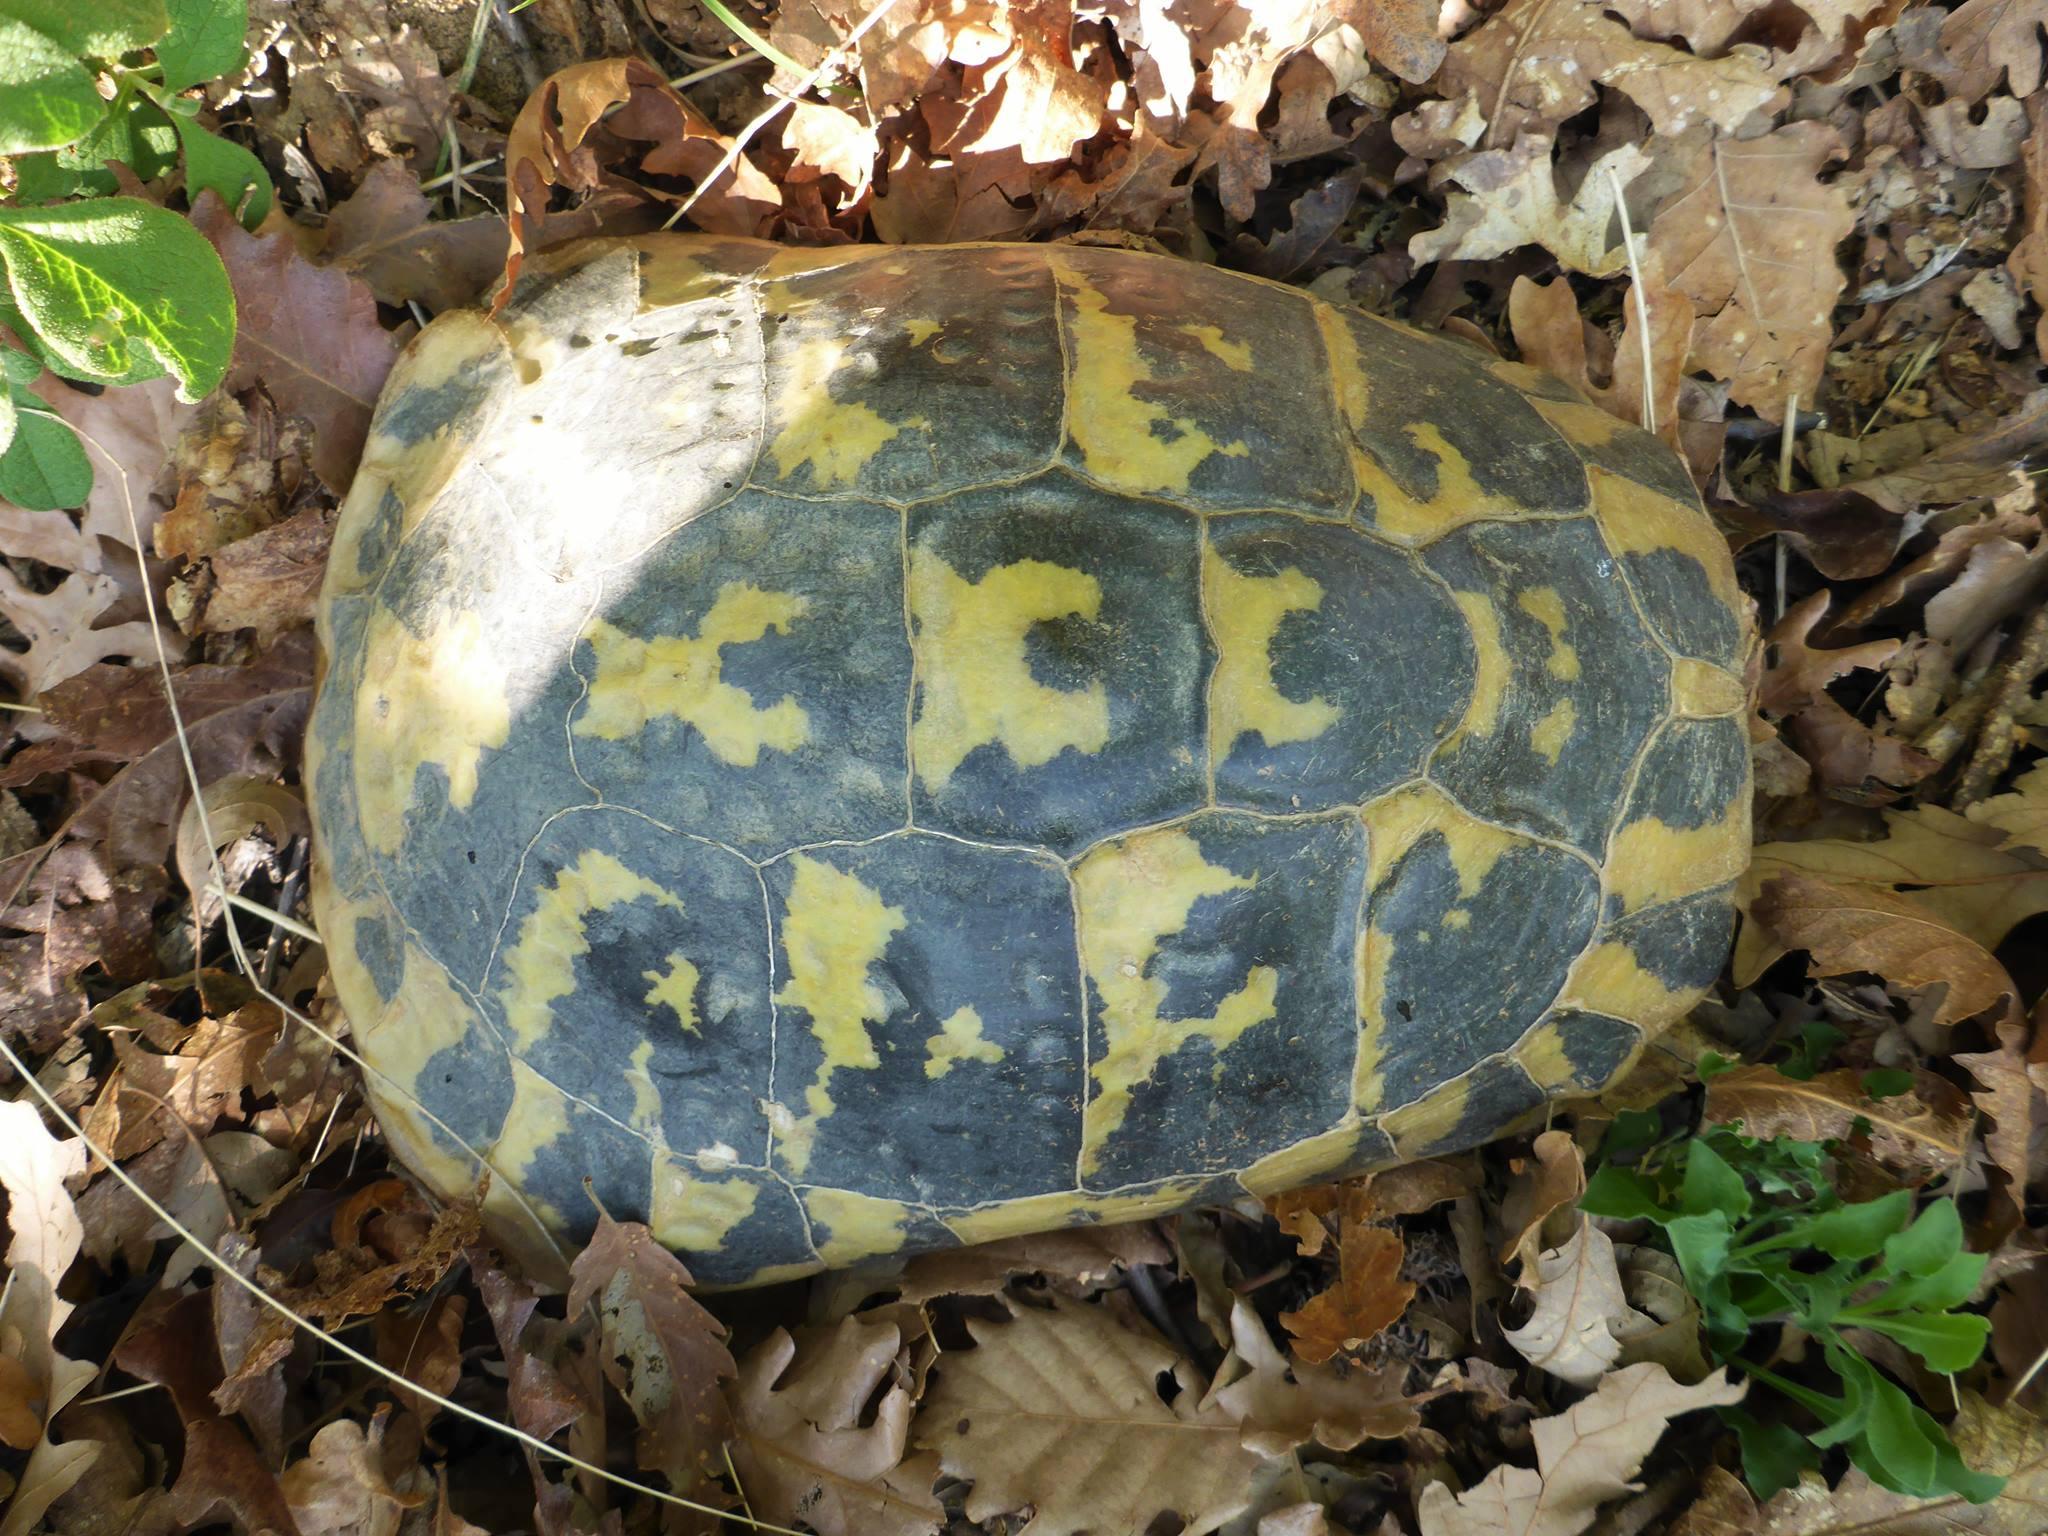 Je trouve une tortue dans les buissons. Voulant la porter celle-ci me chie littéralement dessus ! Un truc blanc bien gluant et puant